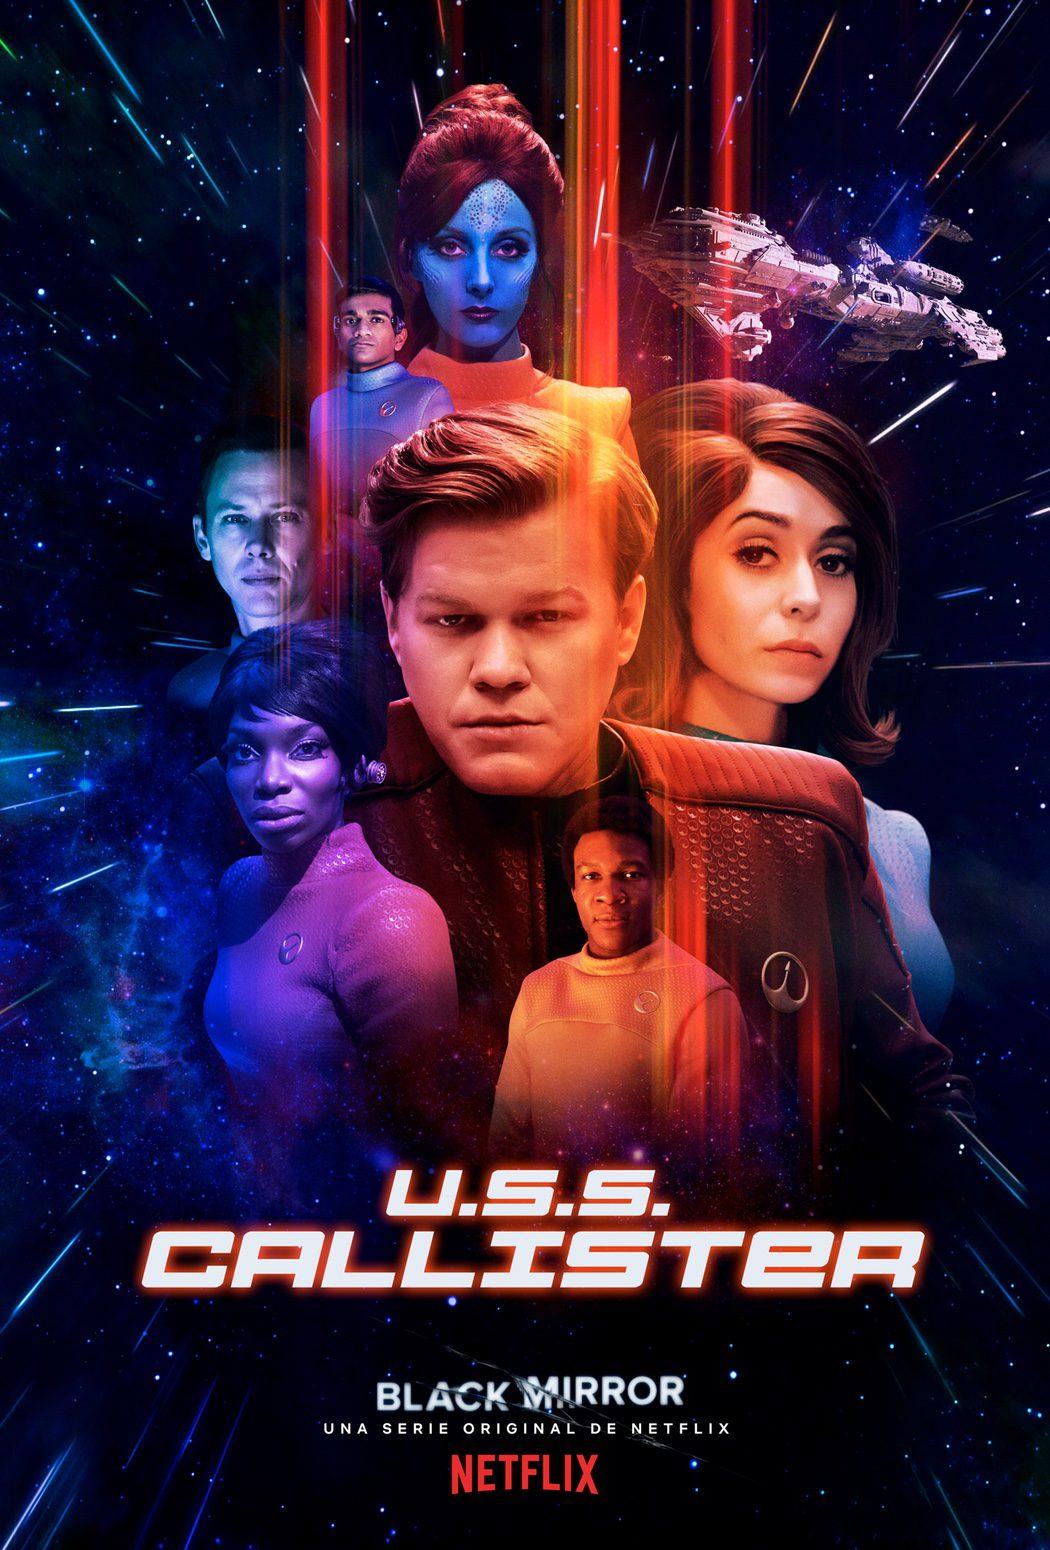 U.S.S. Callister